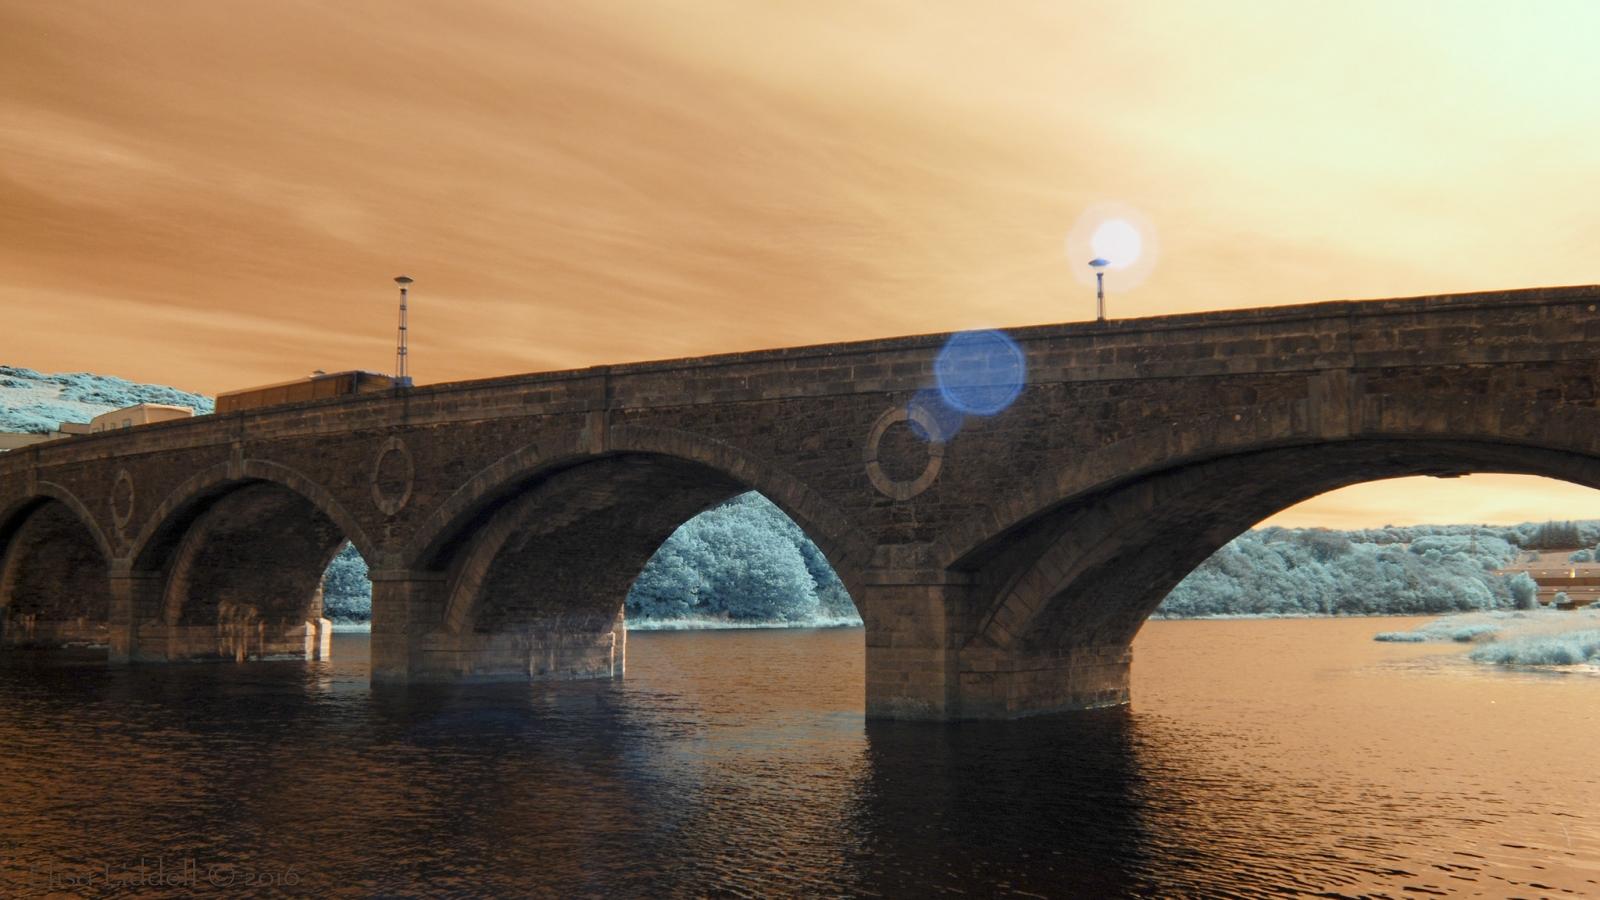 Puentes y puestas de sol - 1600x900